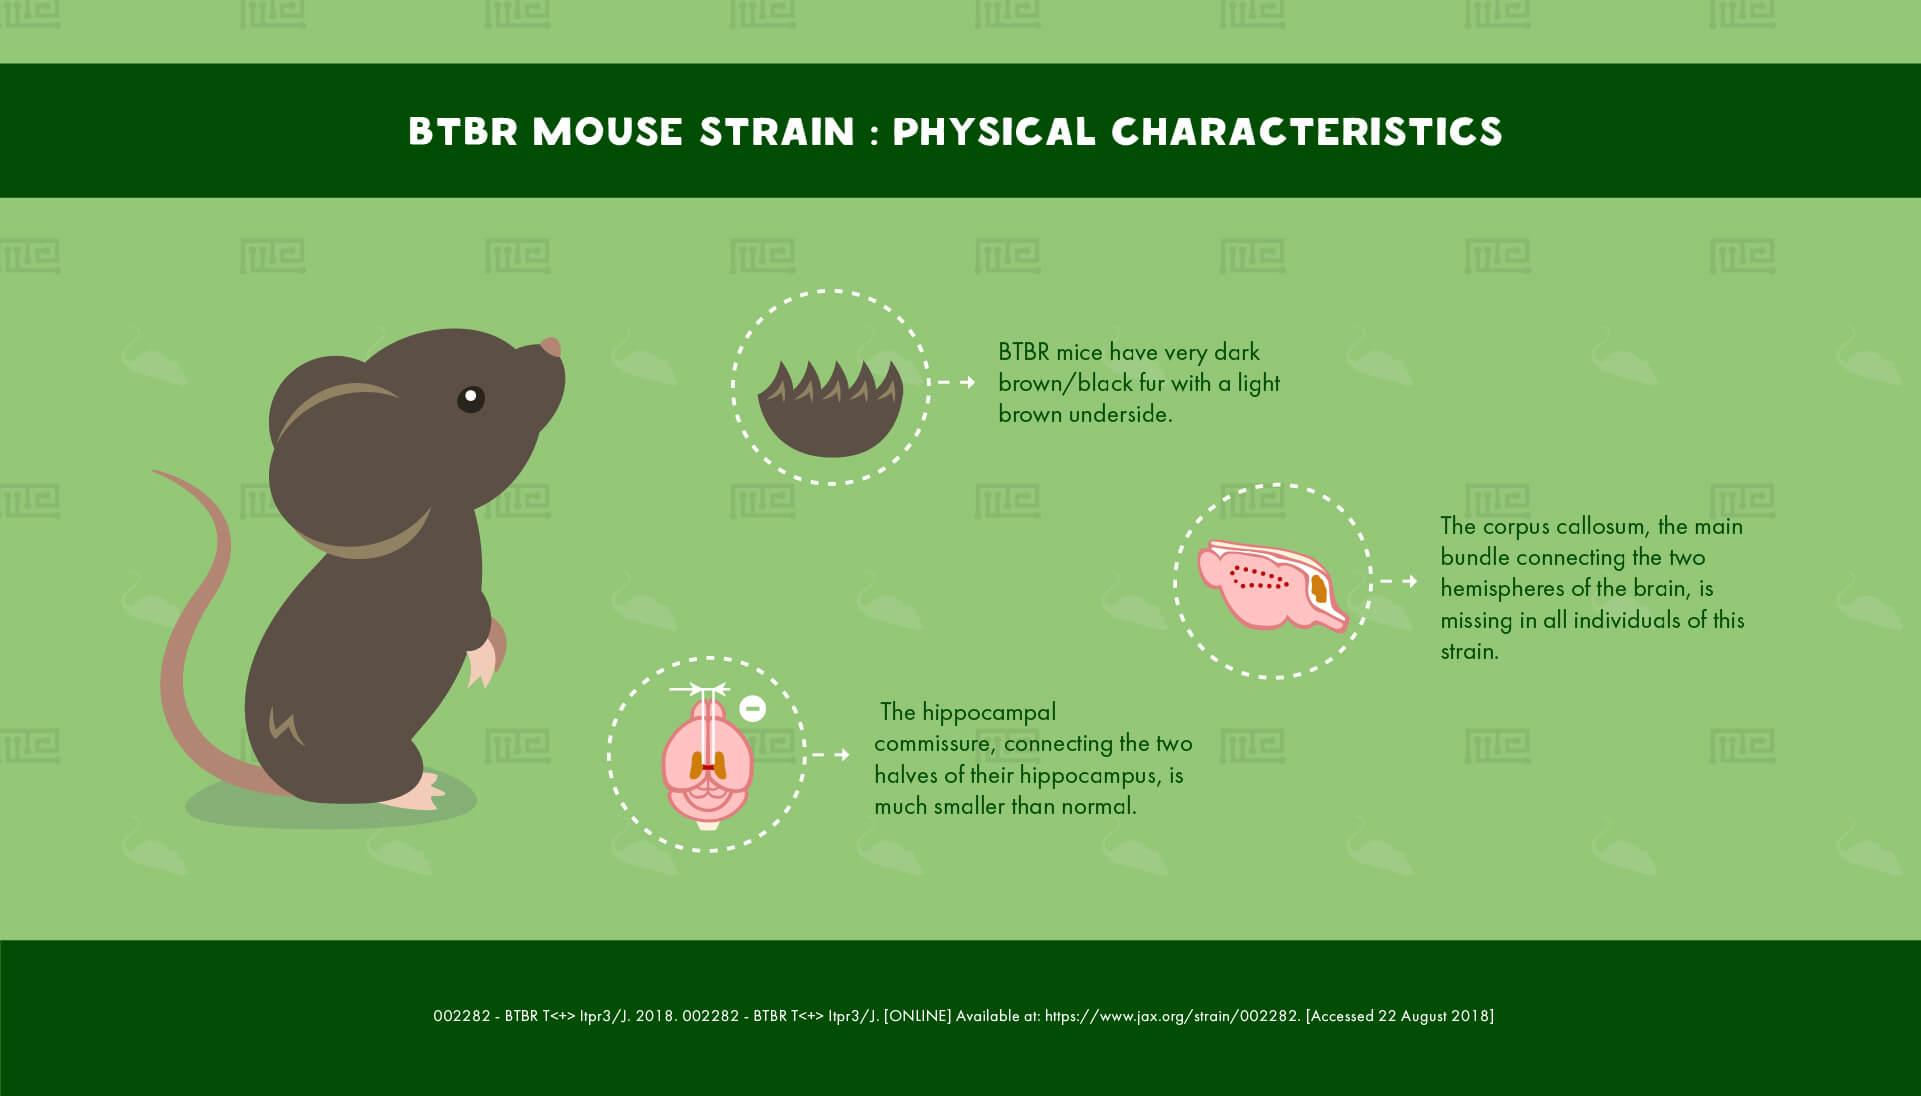 BTBR Mouse Strain : Physical Characteristics